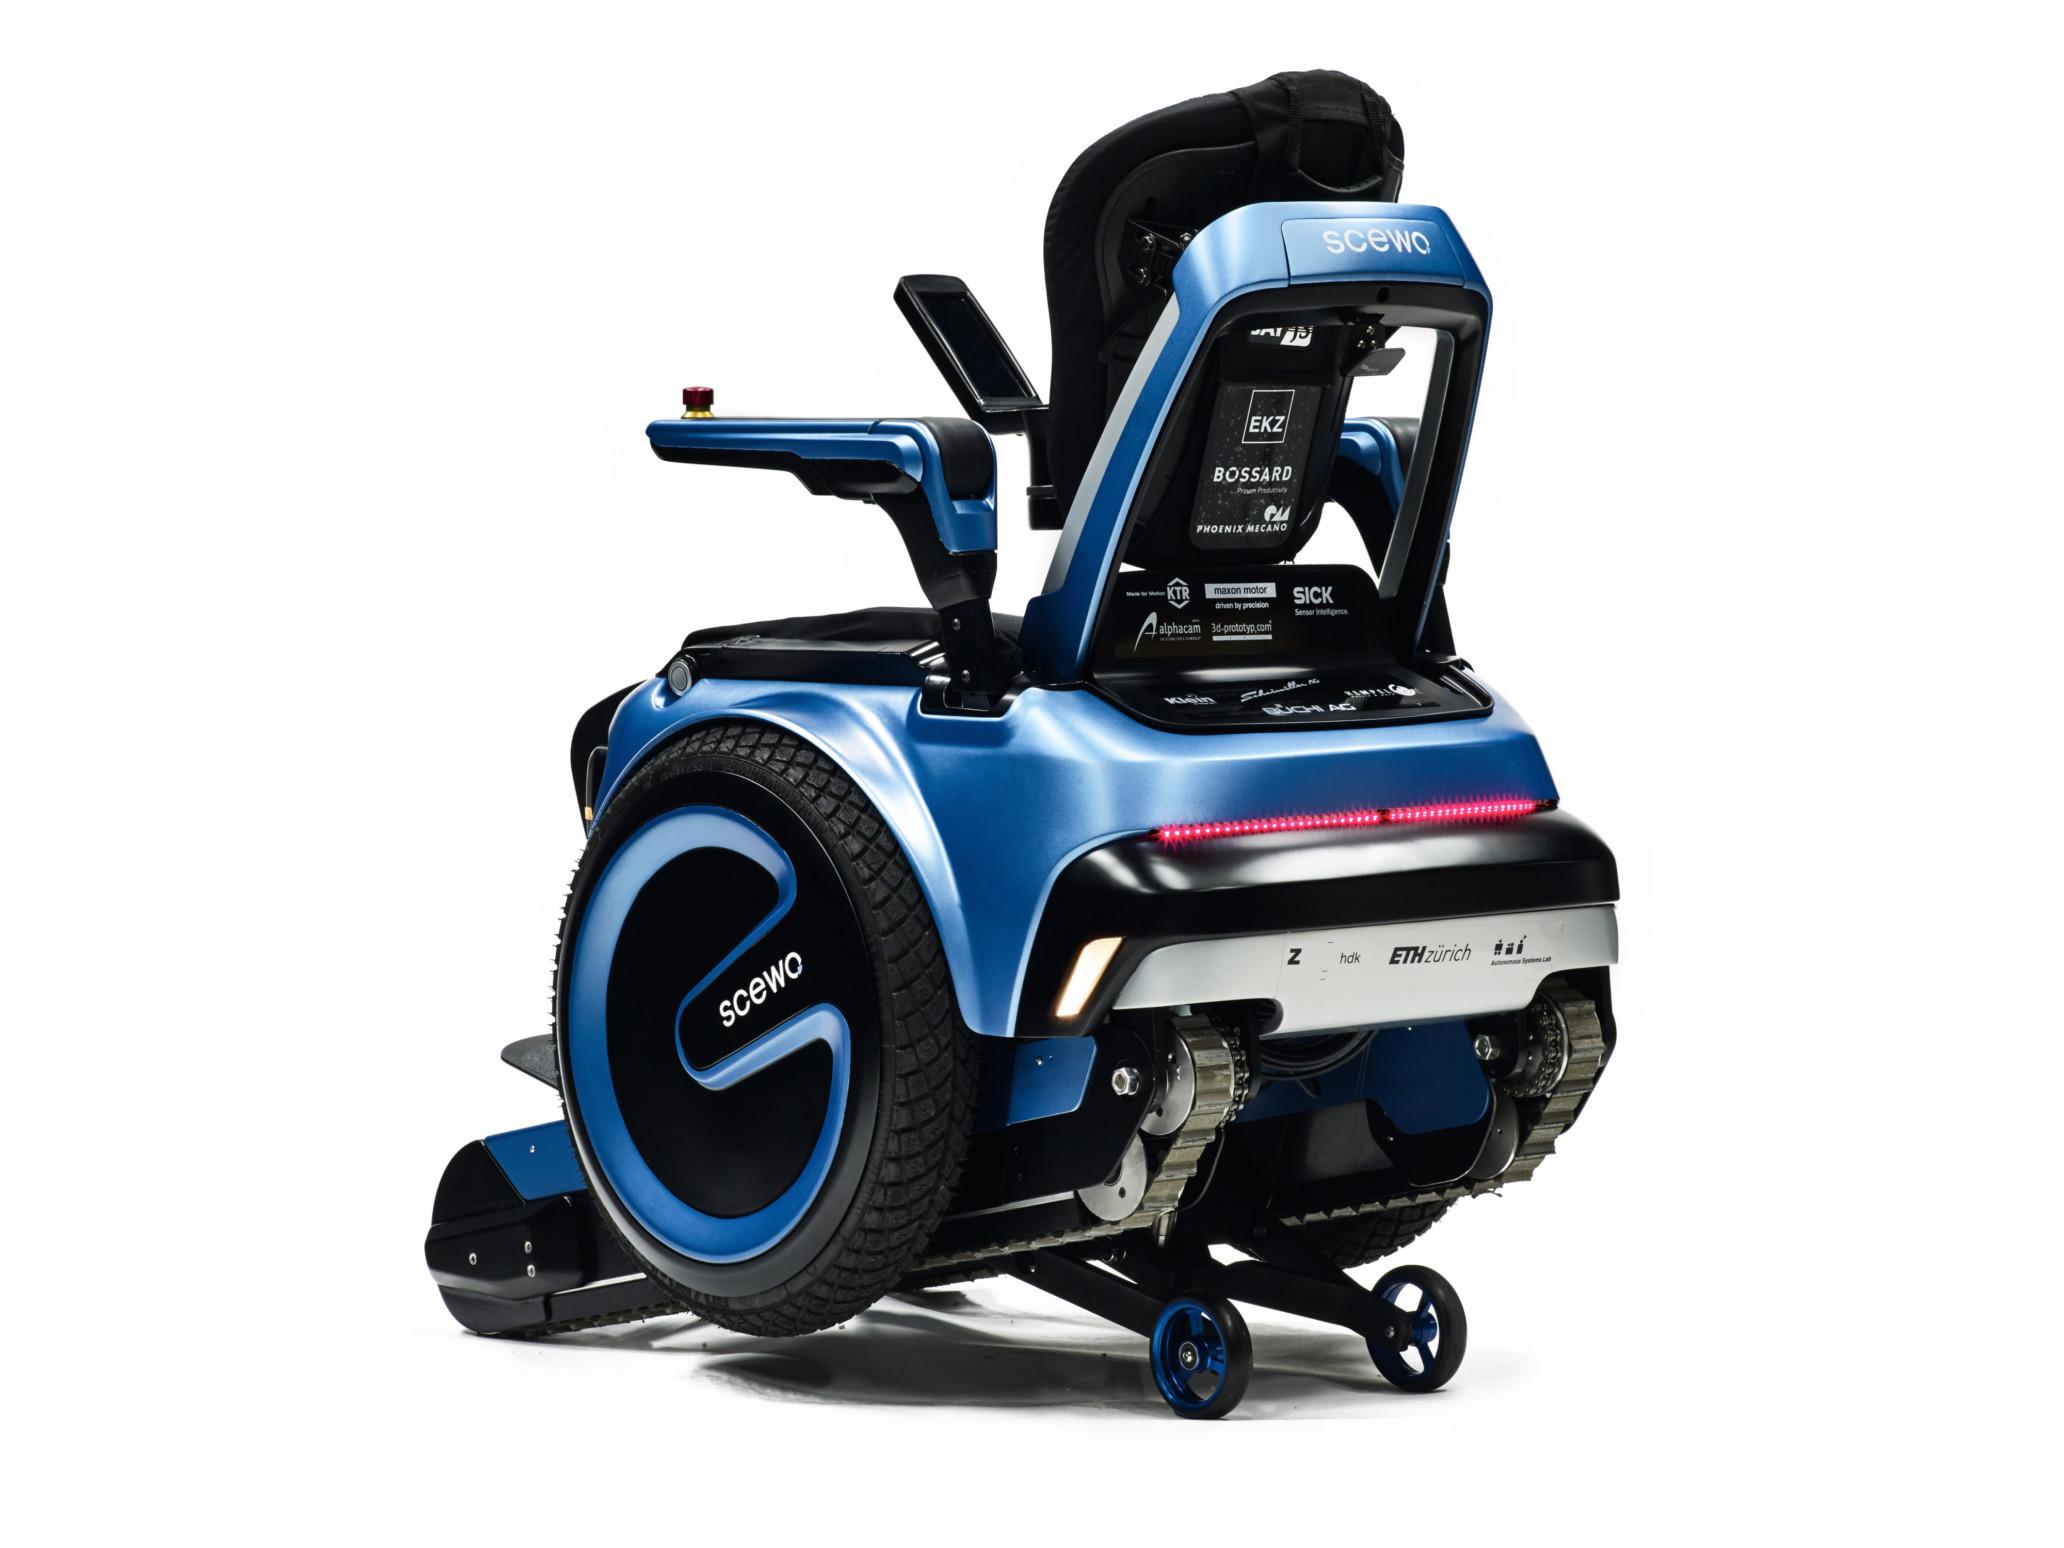 d couvrez scewo le fauteuil roulant capable de gravir des escaliers tech numerama. Black Bedroom Furniture Sets. Home Design Ideas